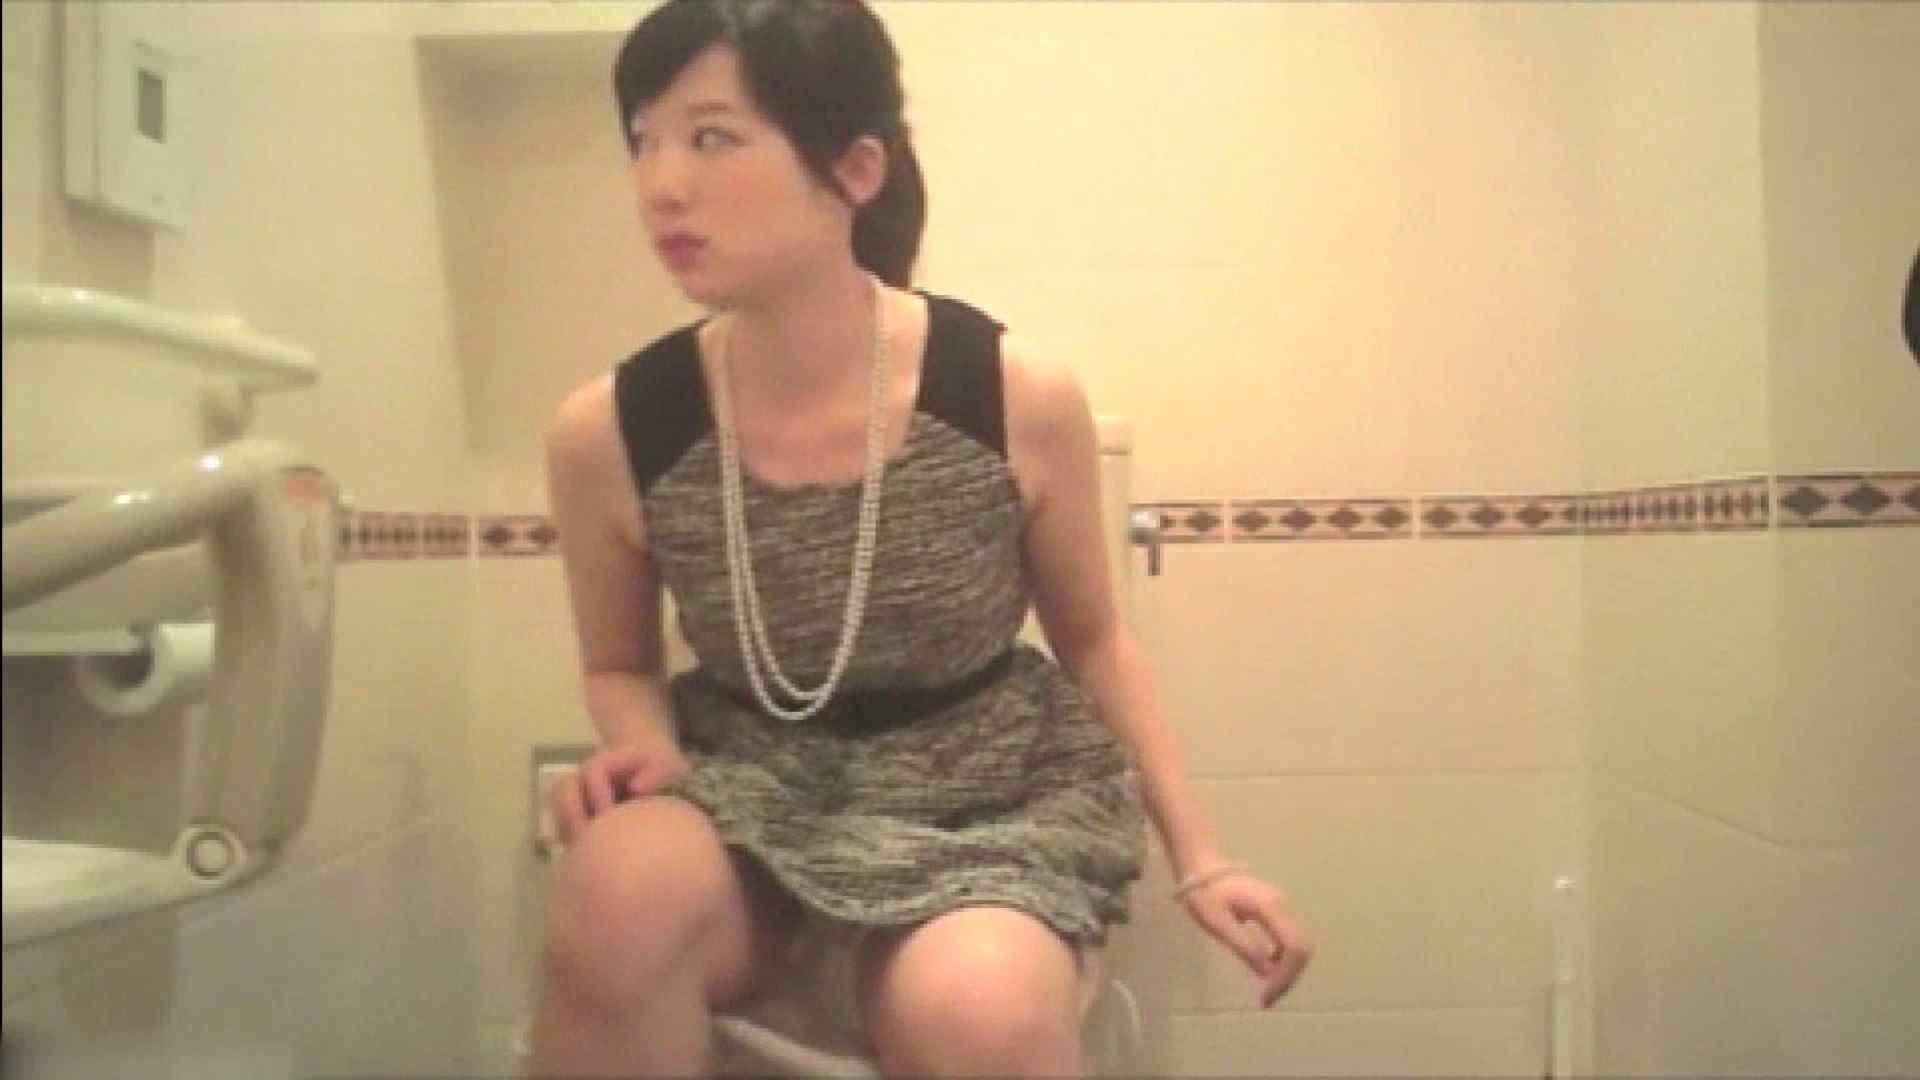 実録!!綺麗なお姉さんのトイレ事情・・・。vol.17 お姉さんのエッチ | うんこ  80PIX 76